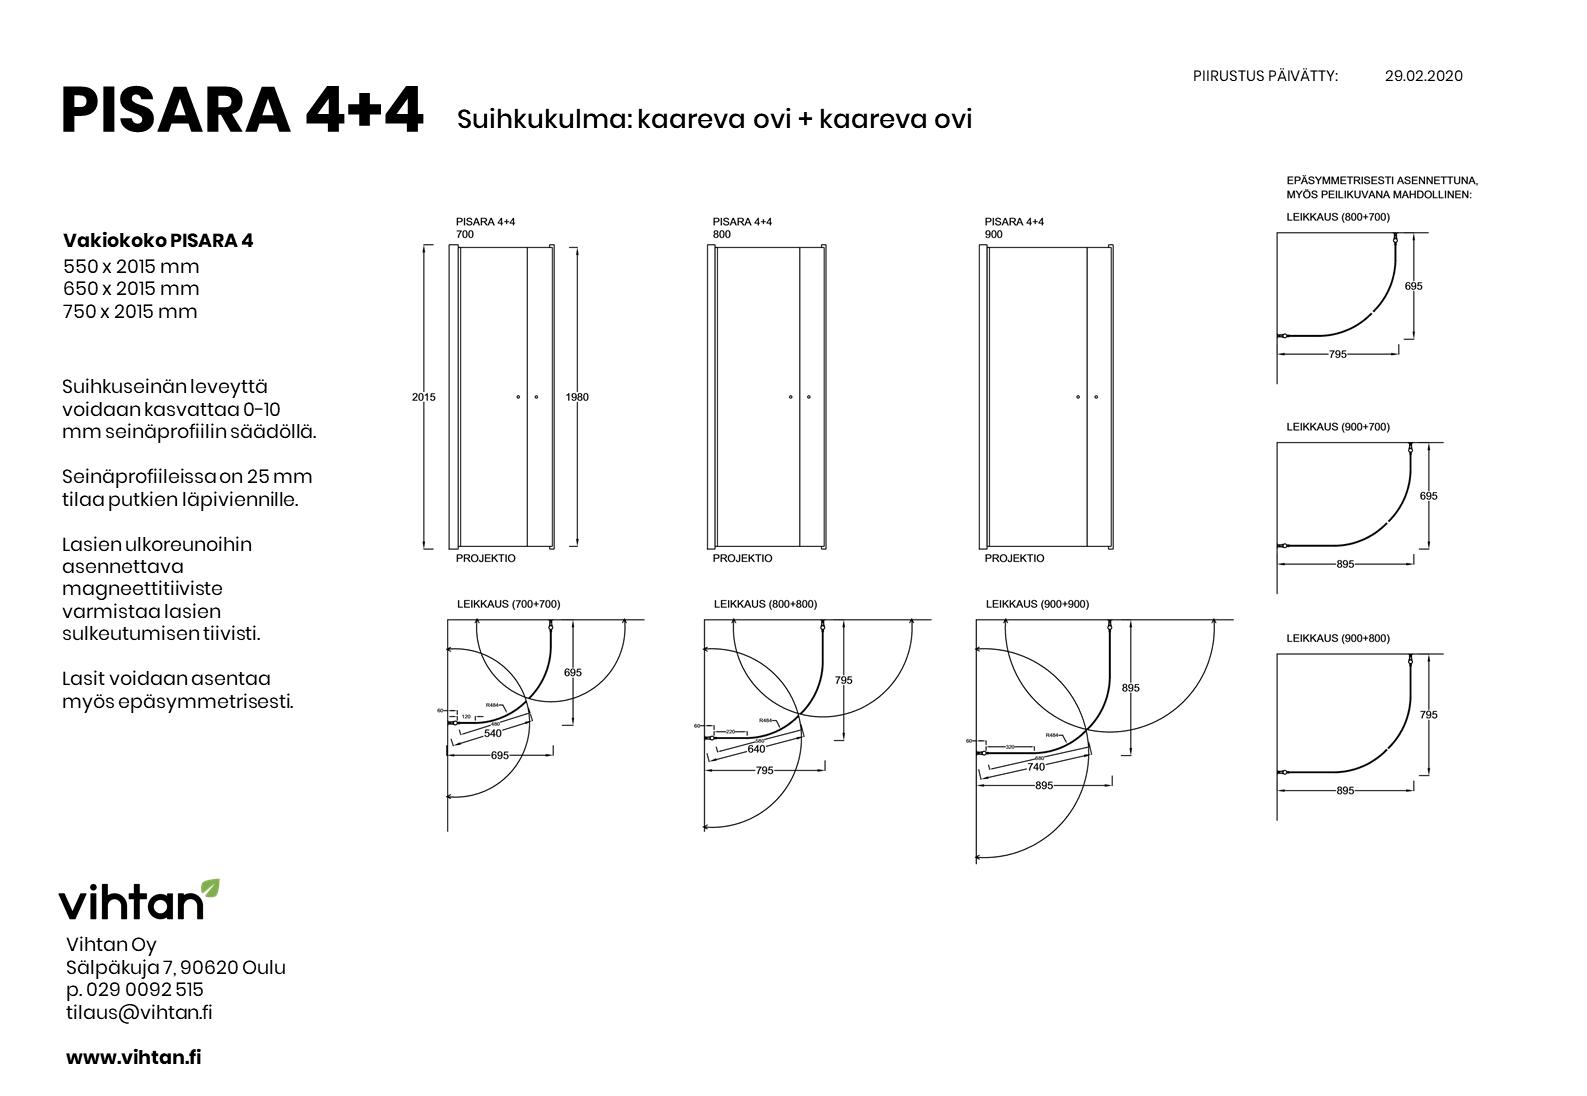 mittakuva_suihkukulma_PISARA 4+4